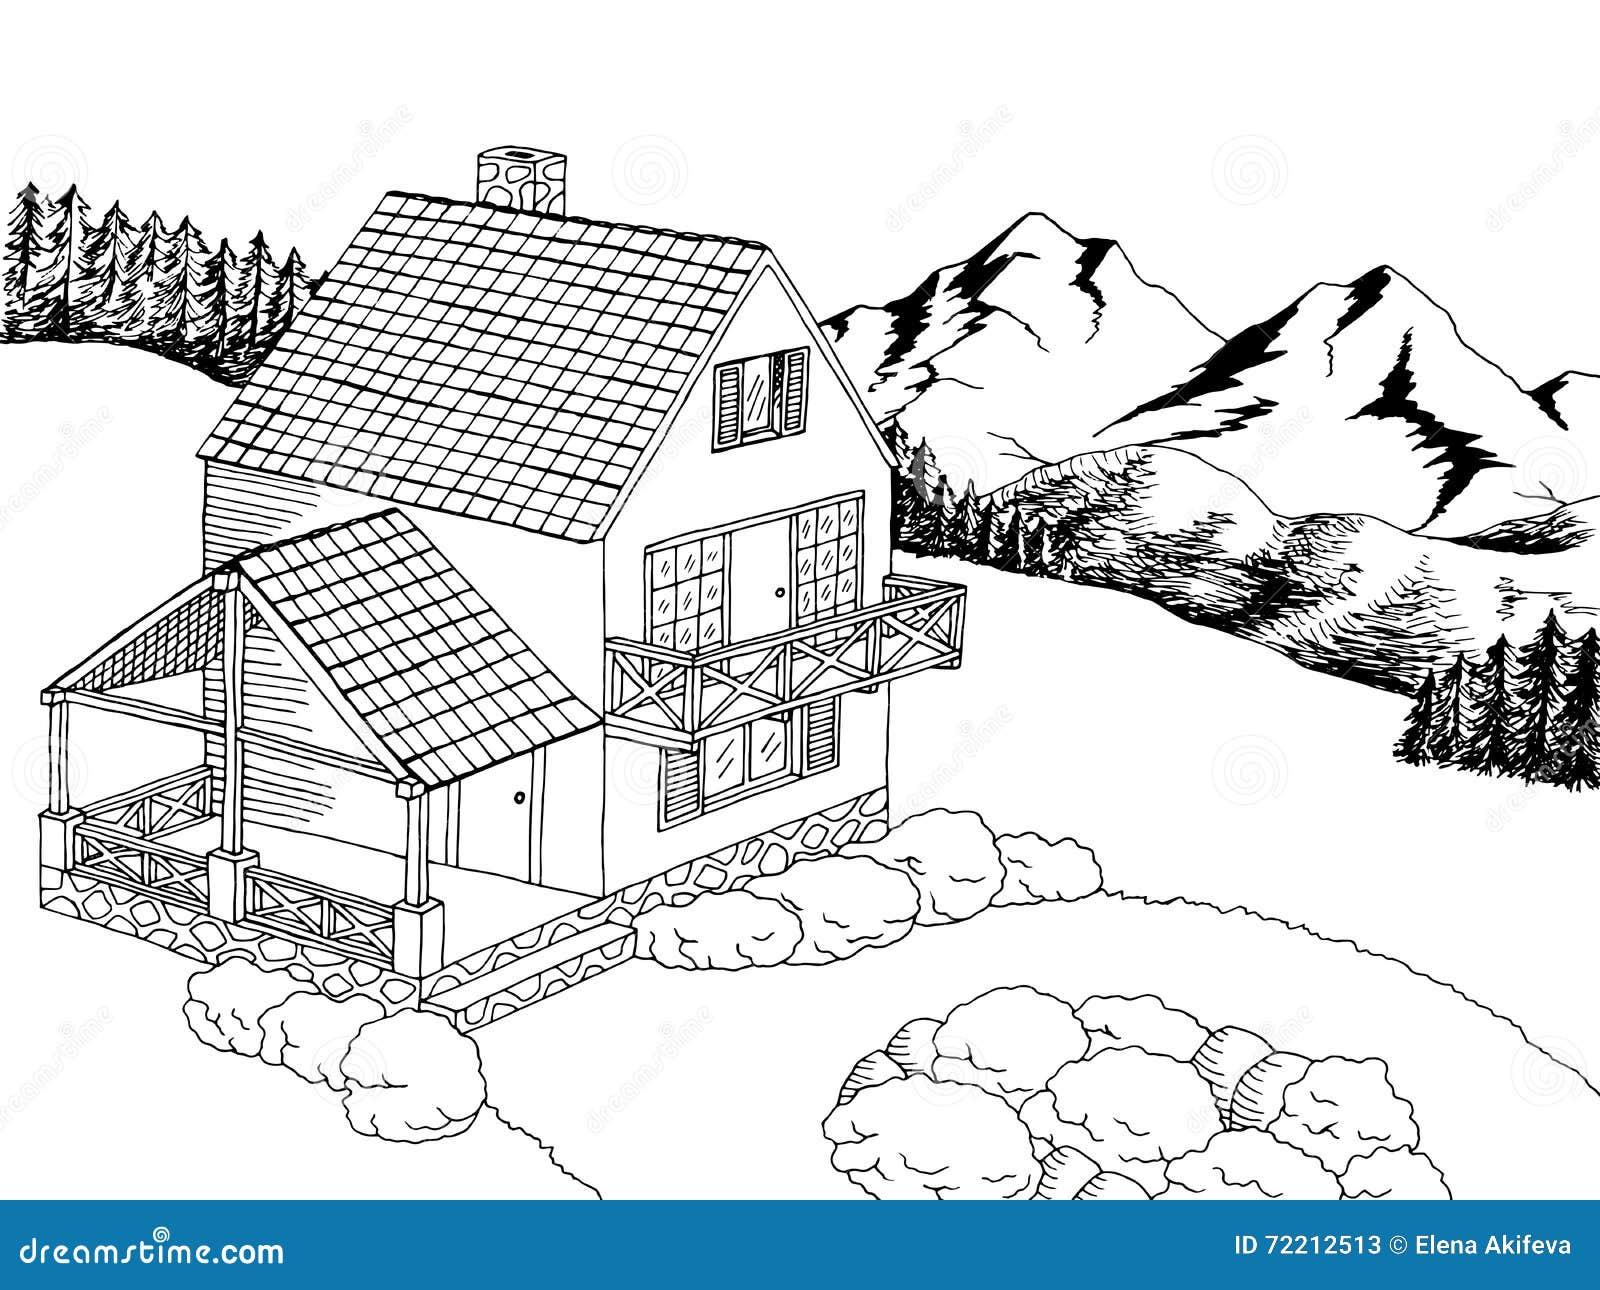 village house graphic art black white landscape